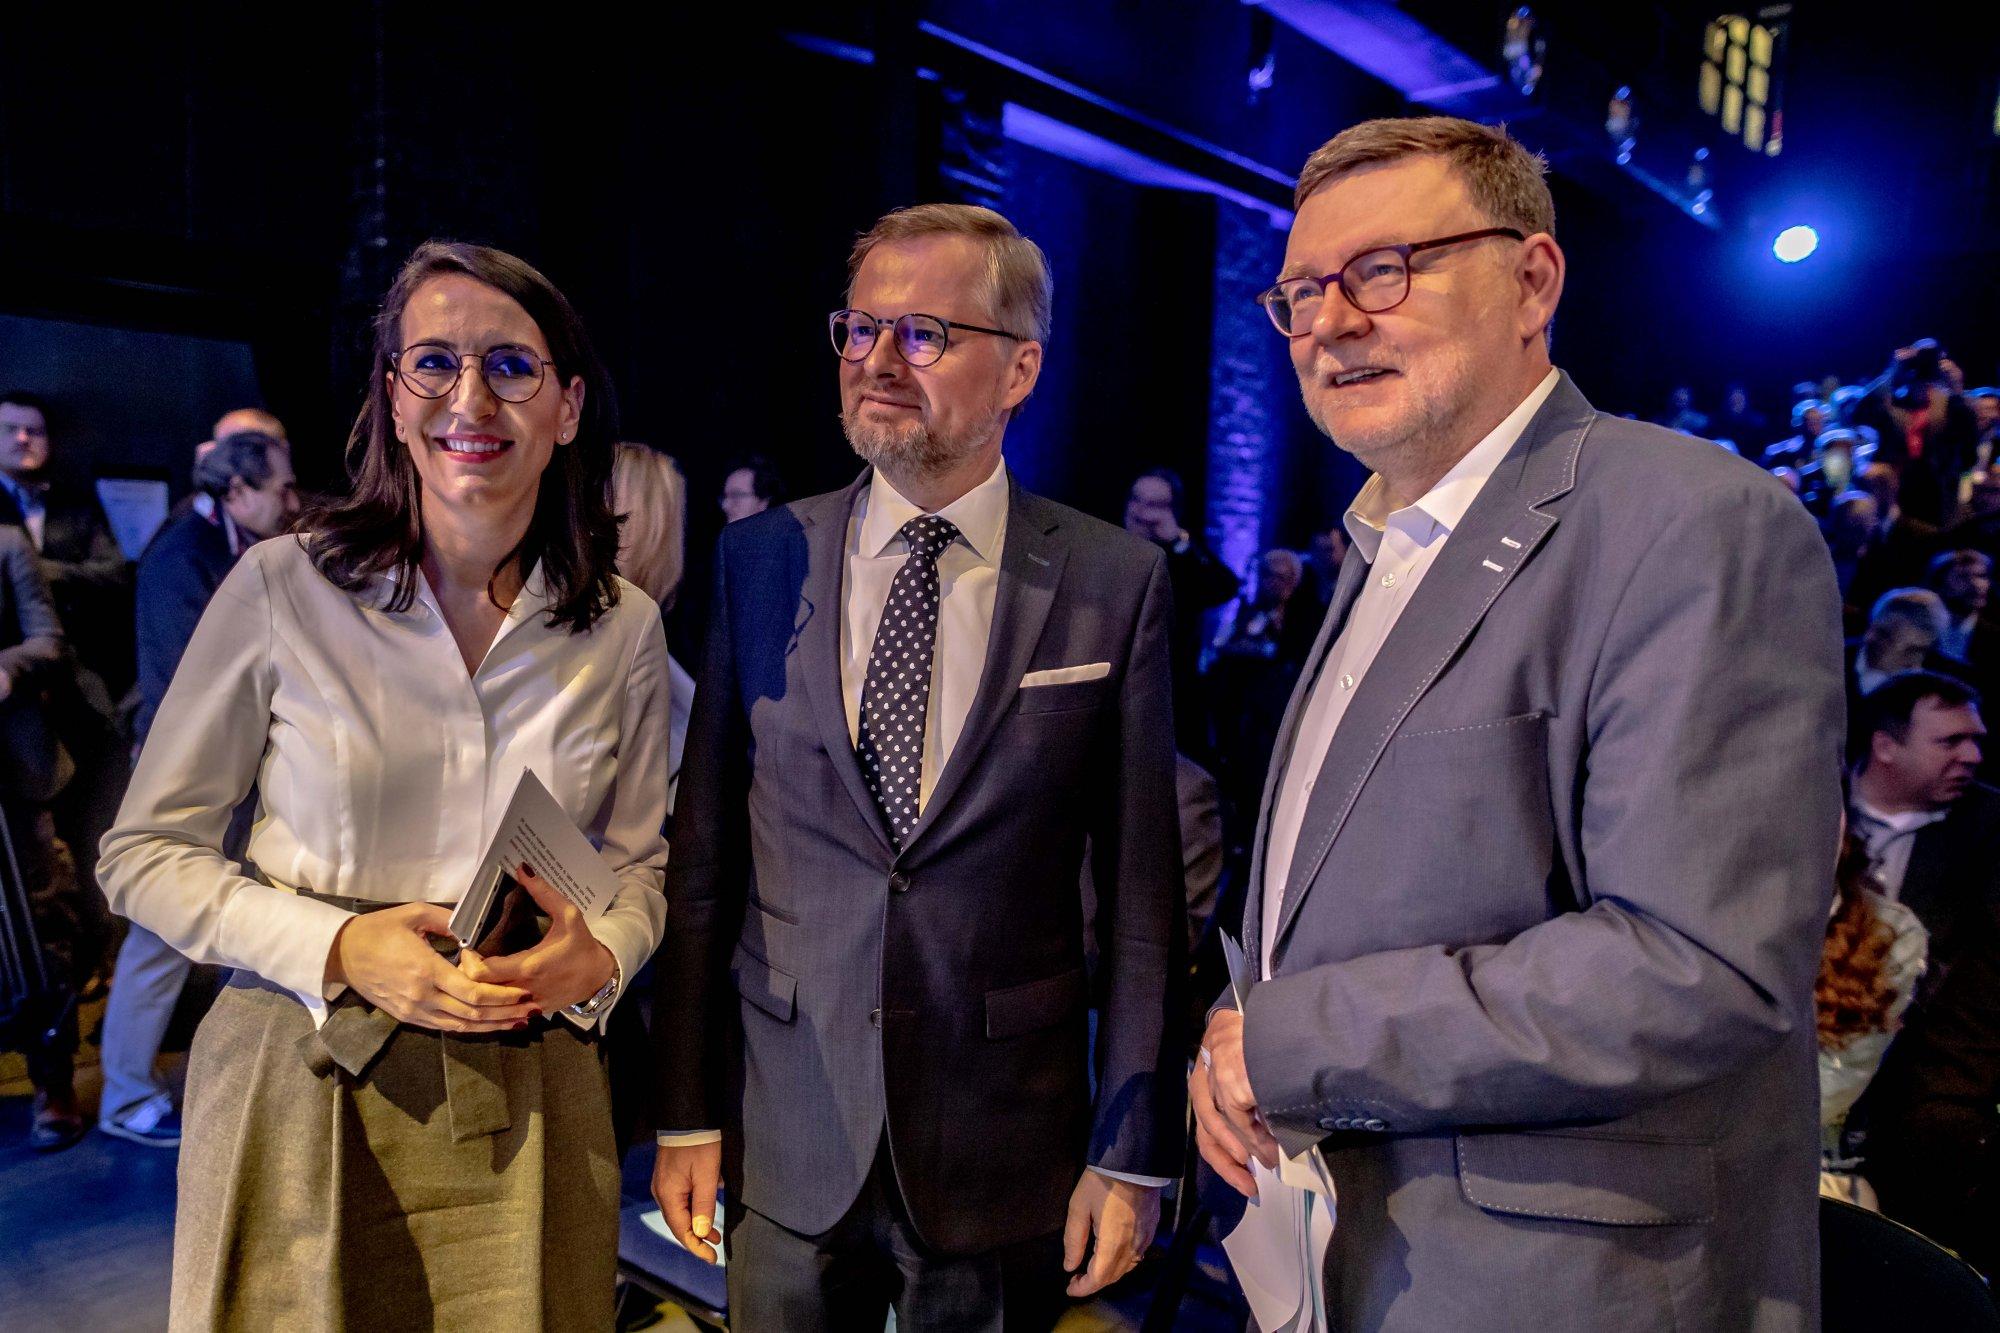 """ODS: Lidem nepomůže, když se budou ministři scházet a """"žvanit"""". My předkládáme konkrétní návrhy, které ČR posunou kupředu"""